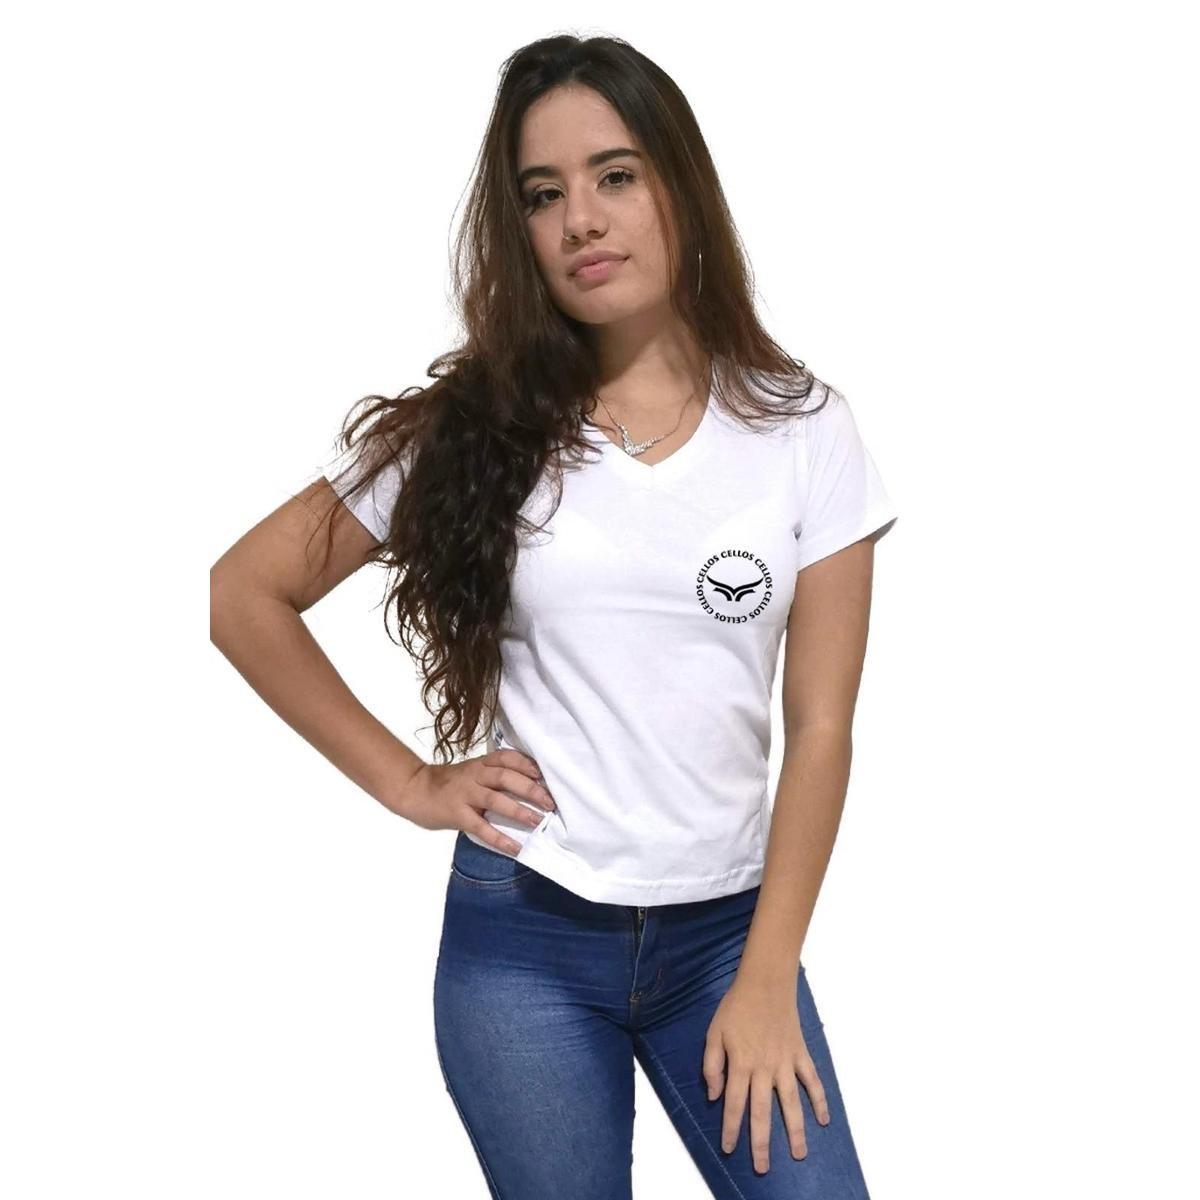 Camiseta Feminina Gola V Cellos Circle Premium